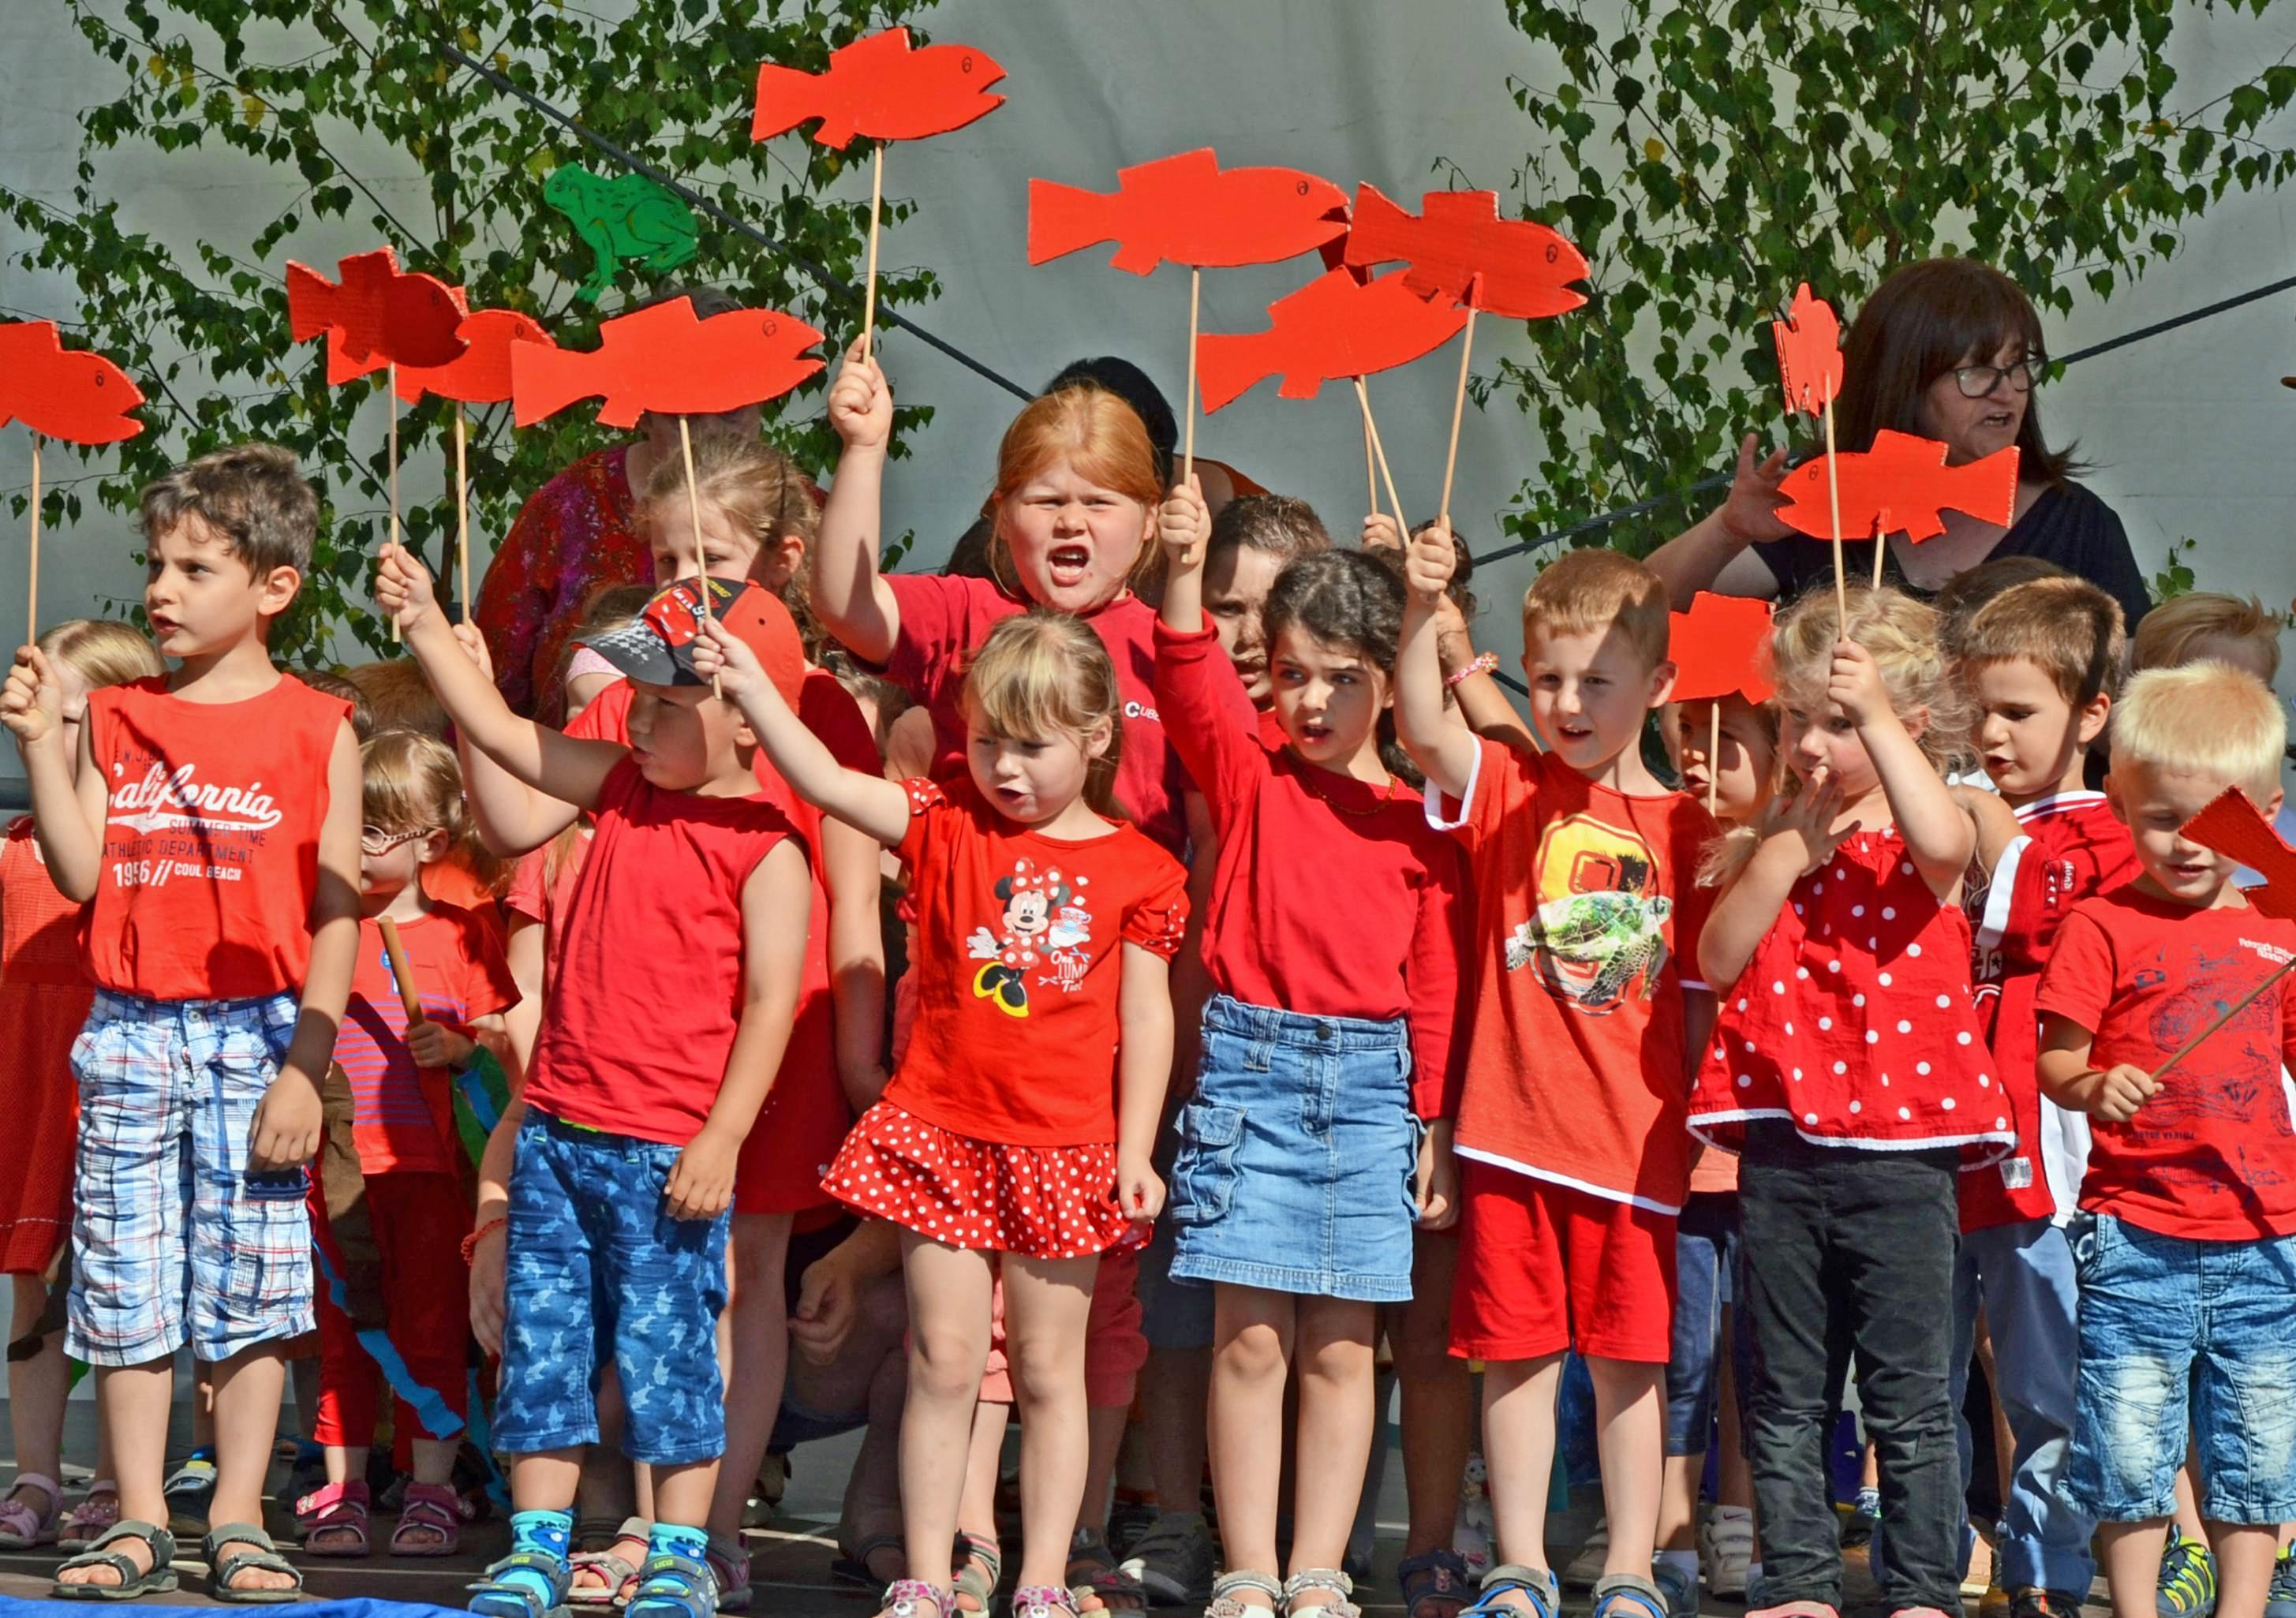 Unterhaltung für die ganze Familie bietet das Pfaffenhofener Frosch- und Schneckenfest am kommenden Wochenende. Gefeiert wird am Samstag und Sonntag rund ums Rathaus. Foto: Archiv/Stuber